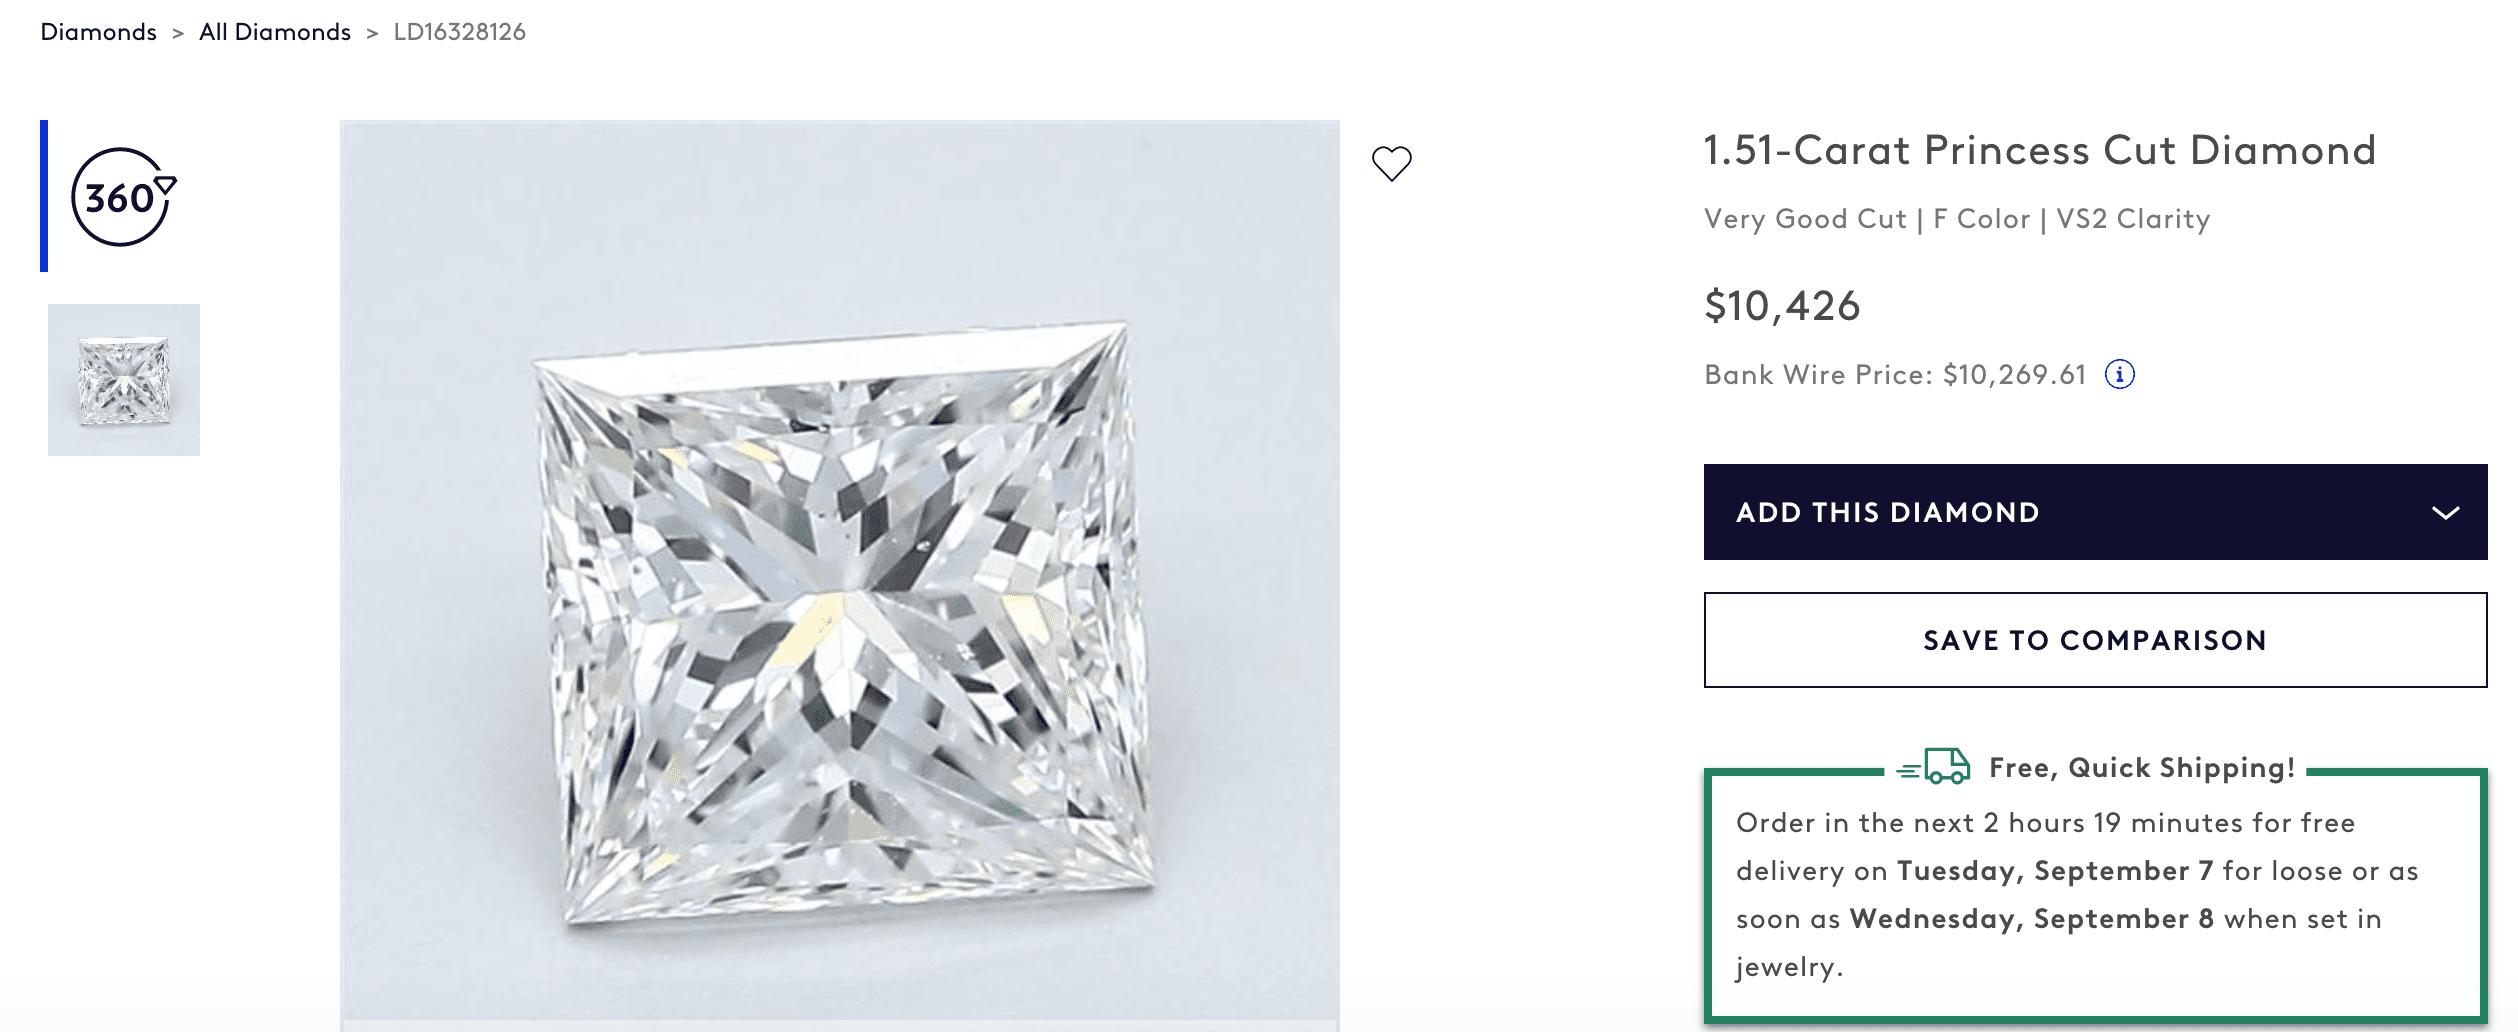 1.51 carat Princess Cut Diamond